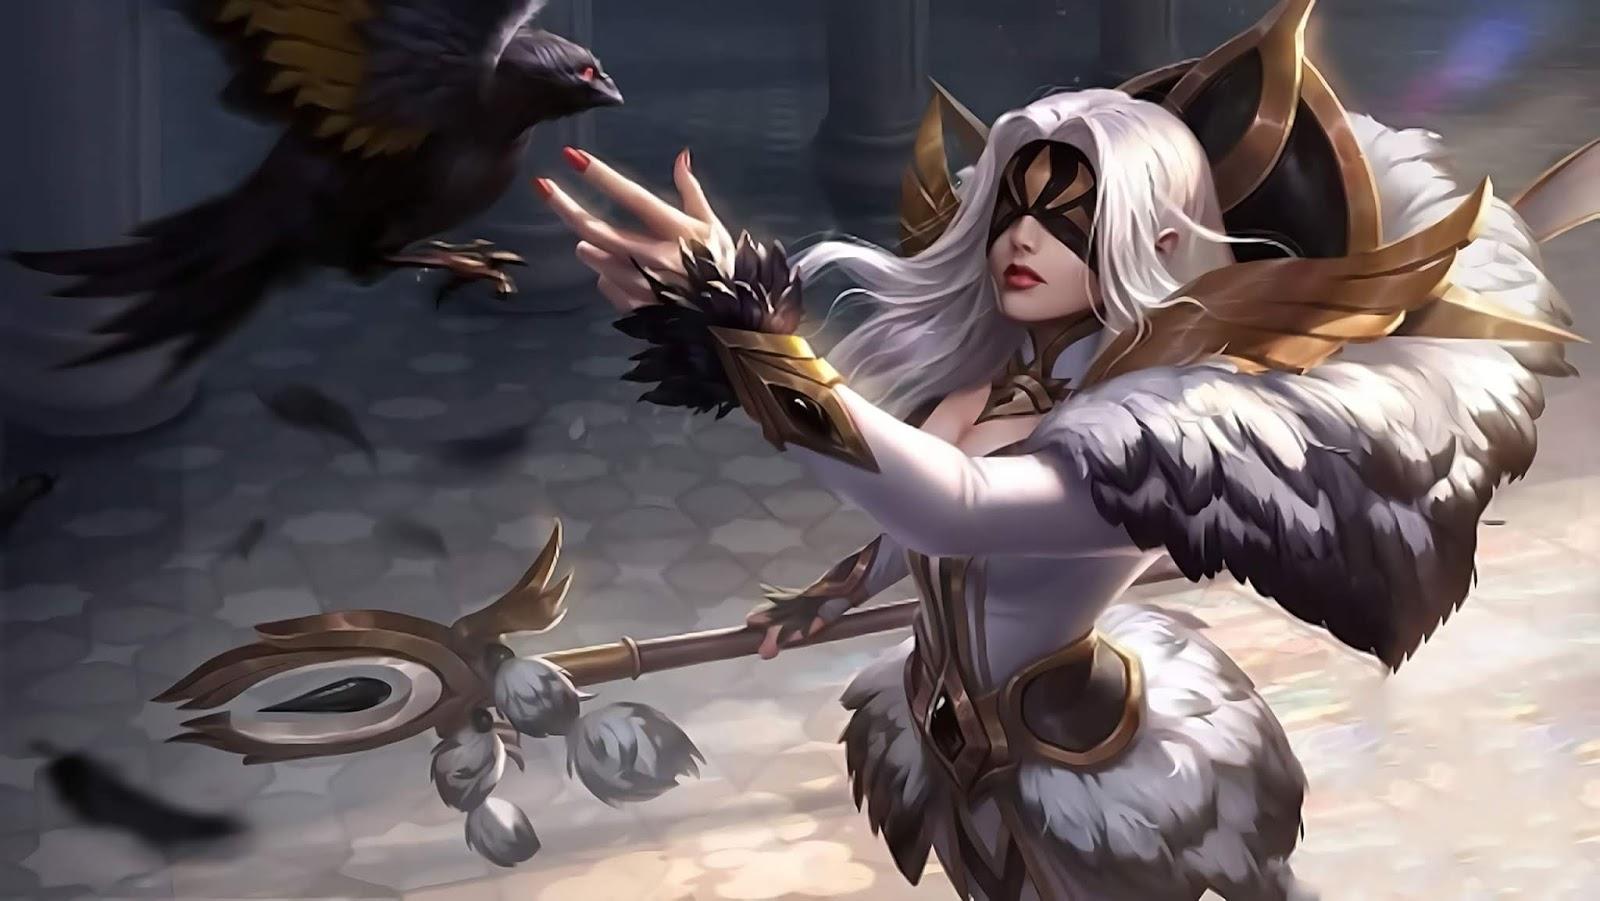 Wallpaper Pharsa Wings of Heaven Skin Mobile Legends HD for PC